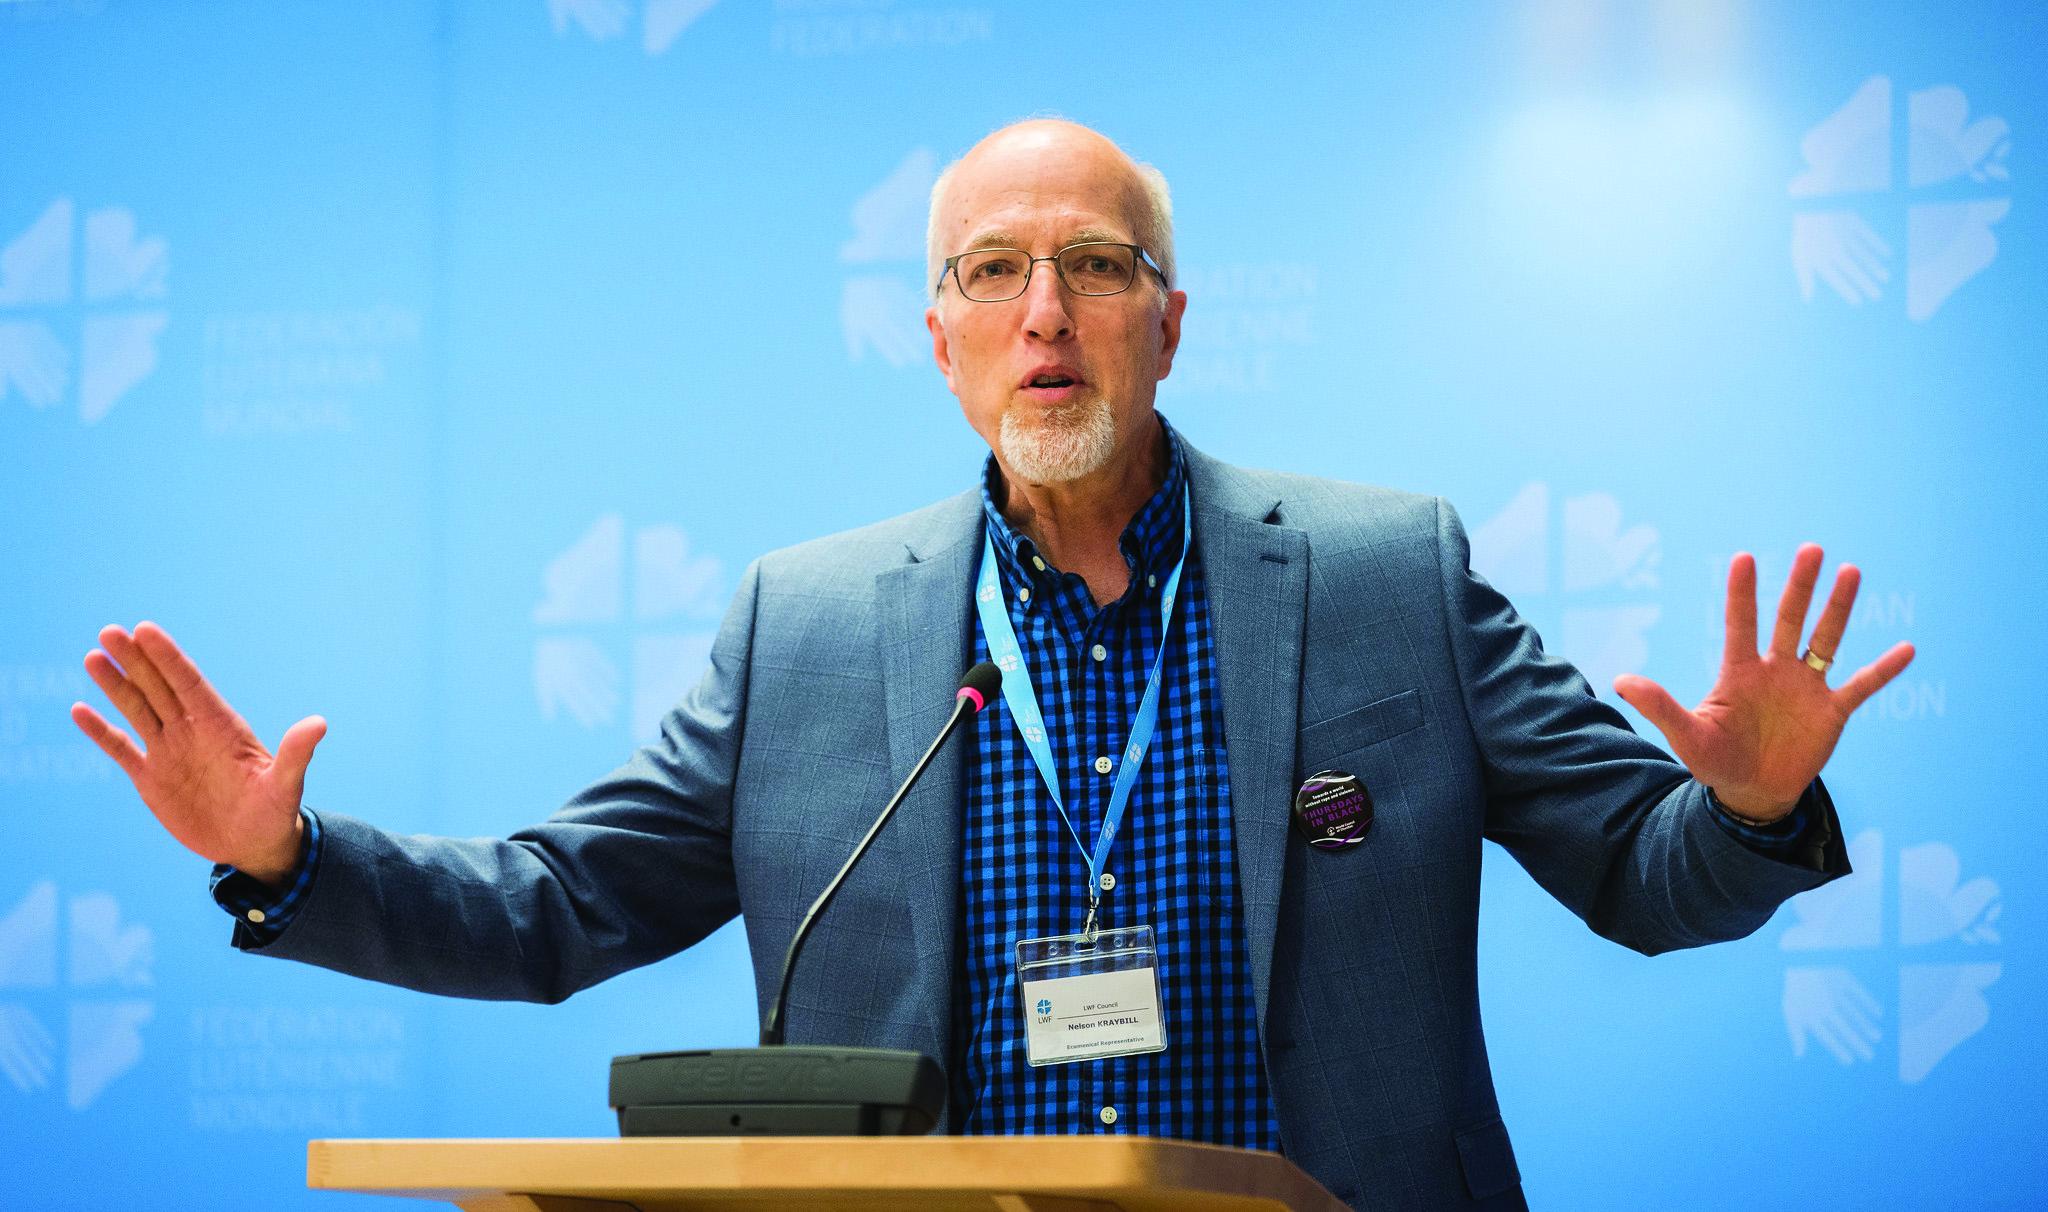 Dr. Nelson Kraybill